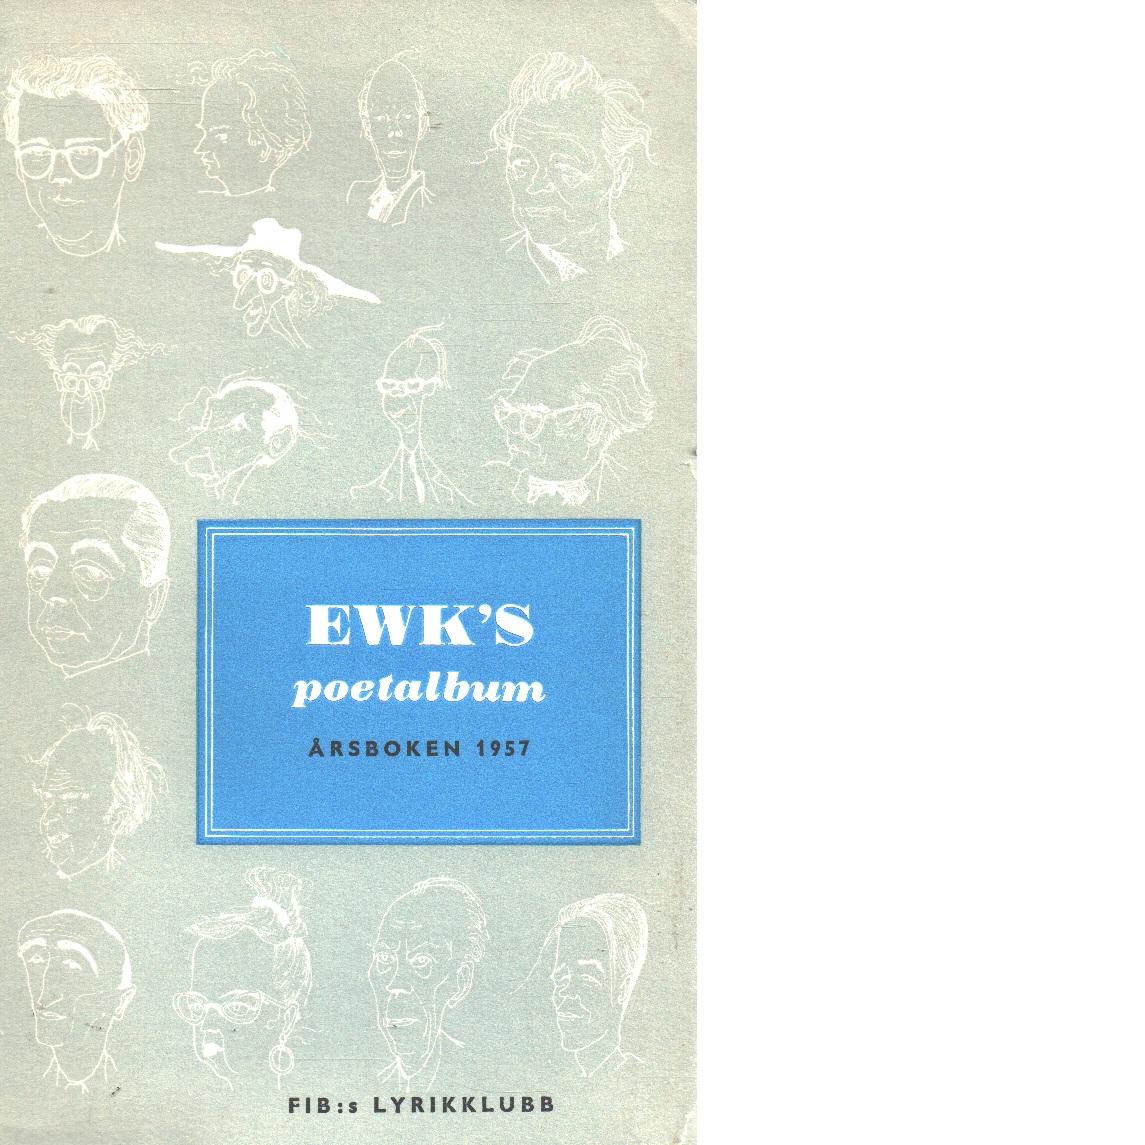 Ewk:s poetalbum : poesi och porträtt - Karlsson, Ewert